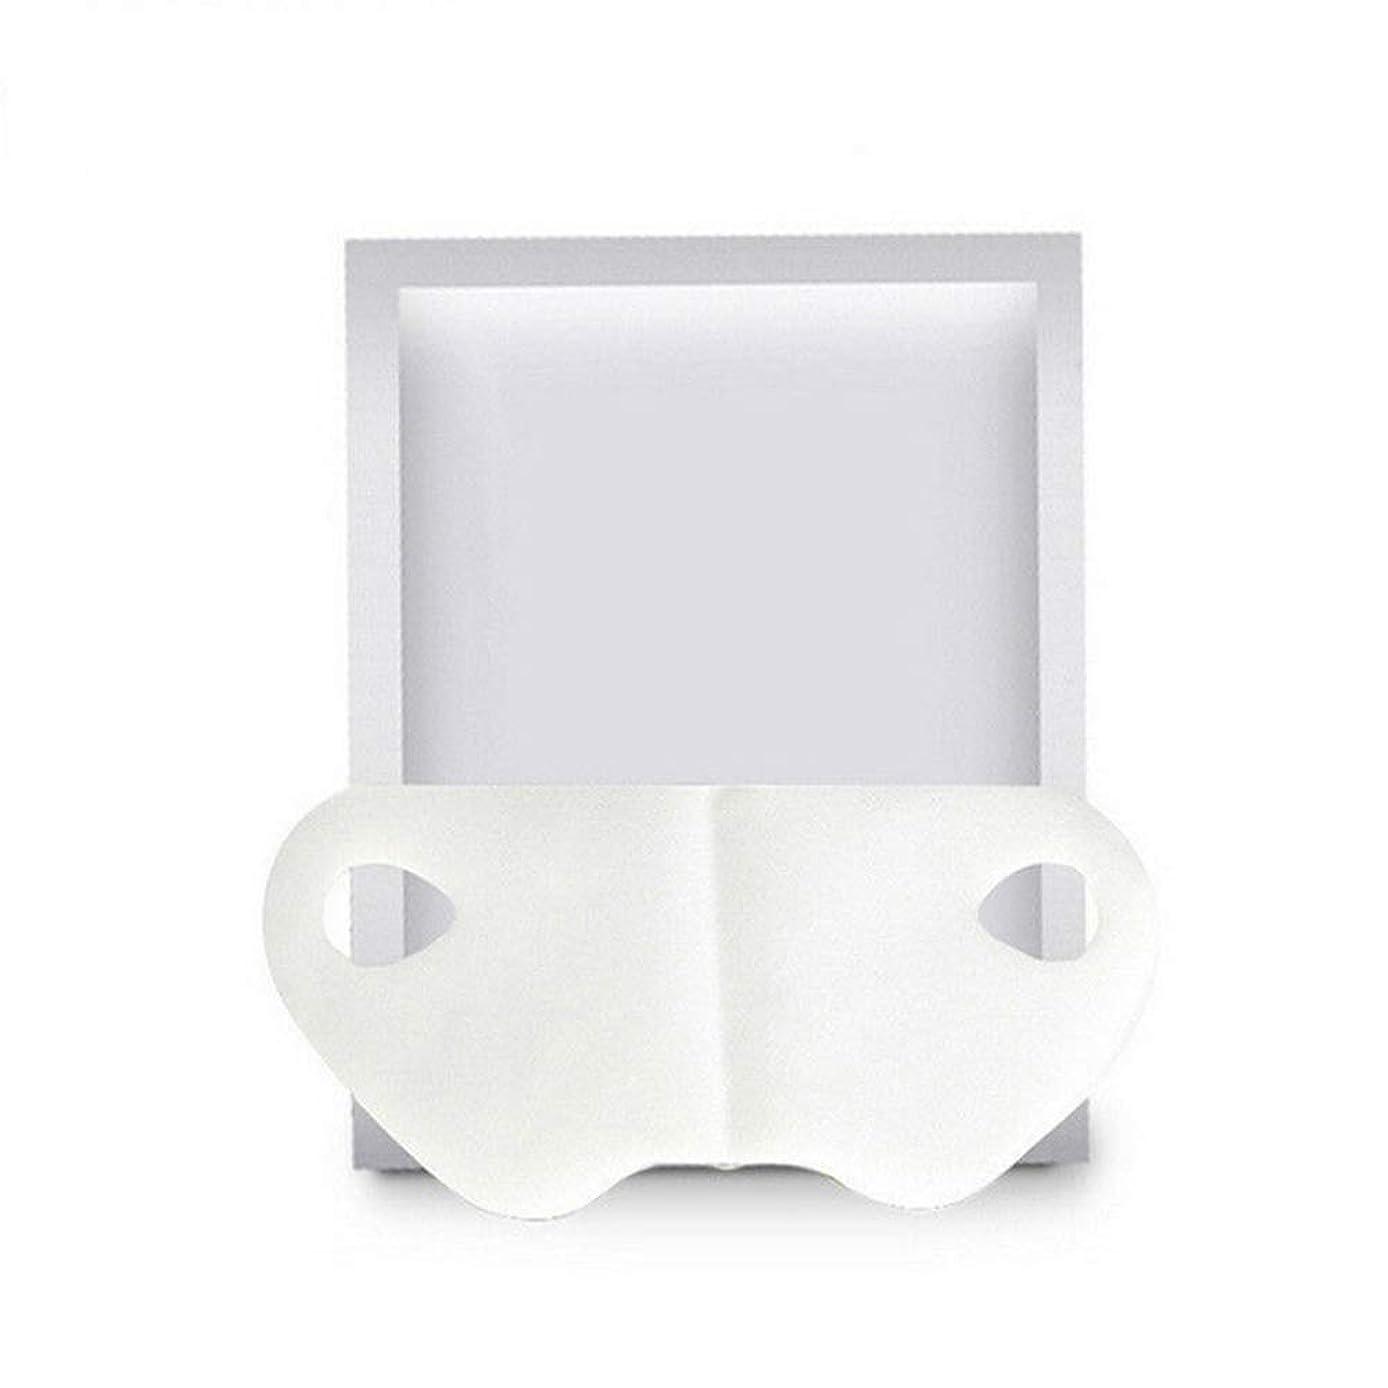 悪性西敬の念Funtoget ??保湿フェイスファーミングマスクをホワイトニングするV字型スリミングフェイスマスク